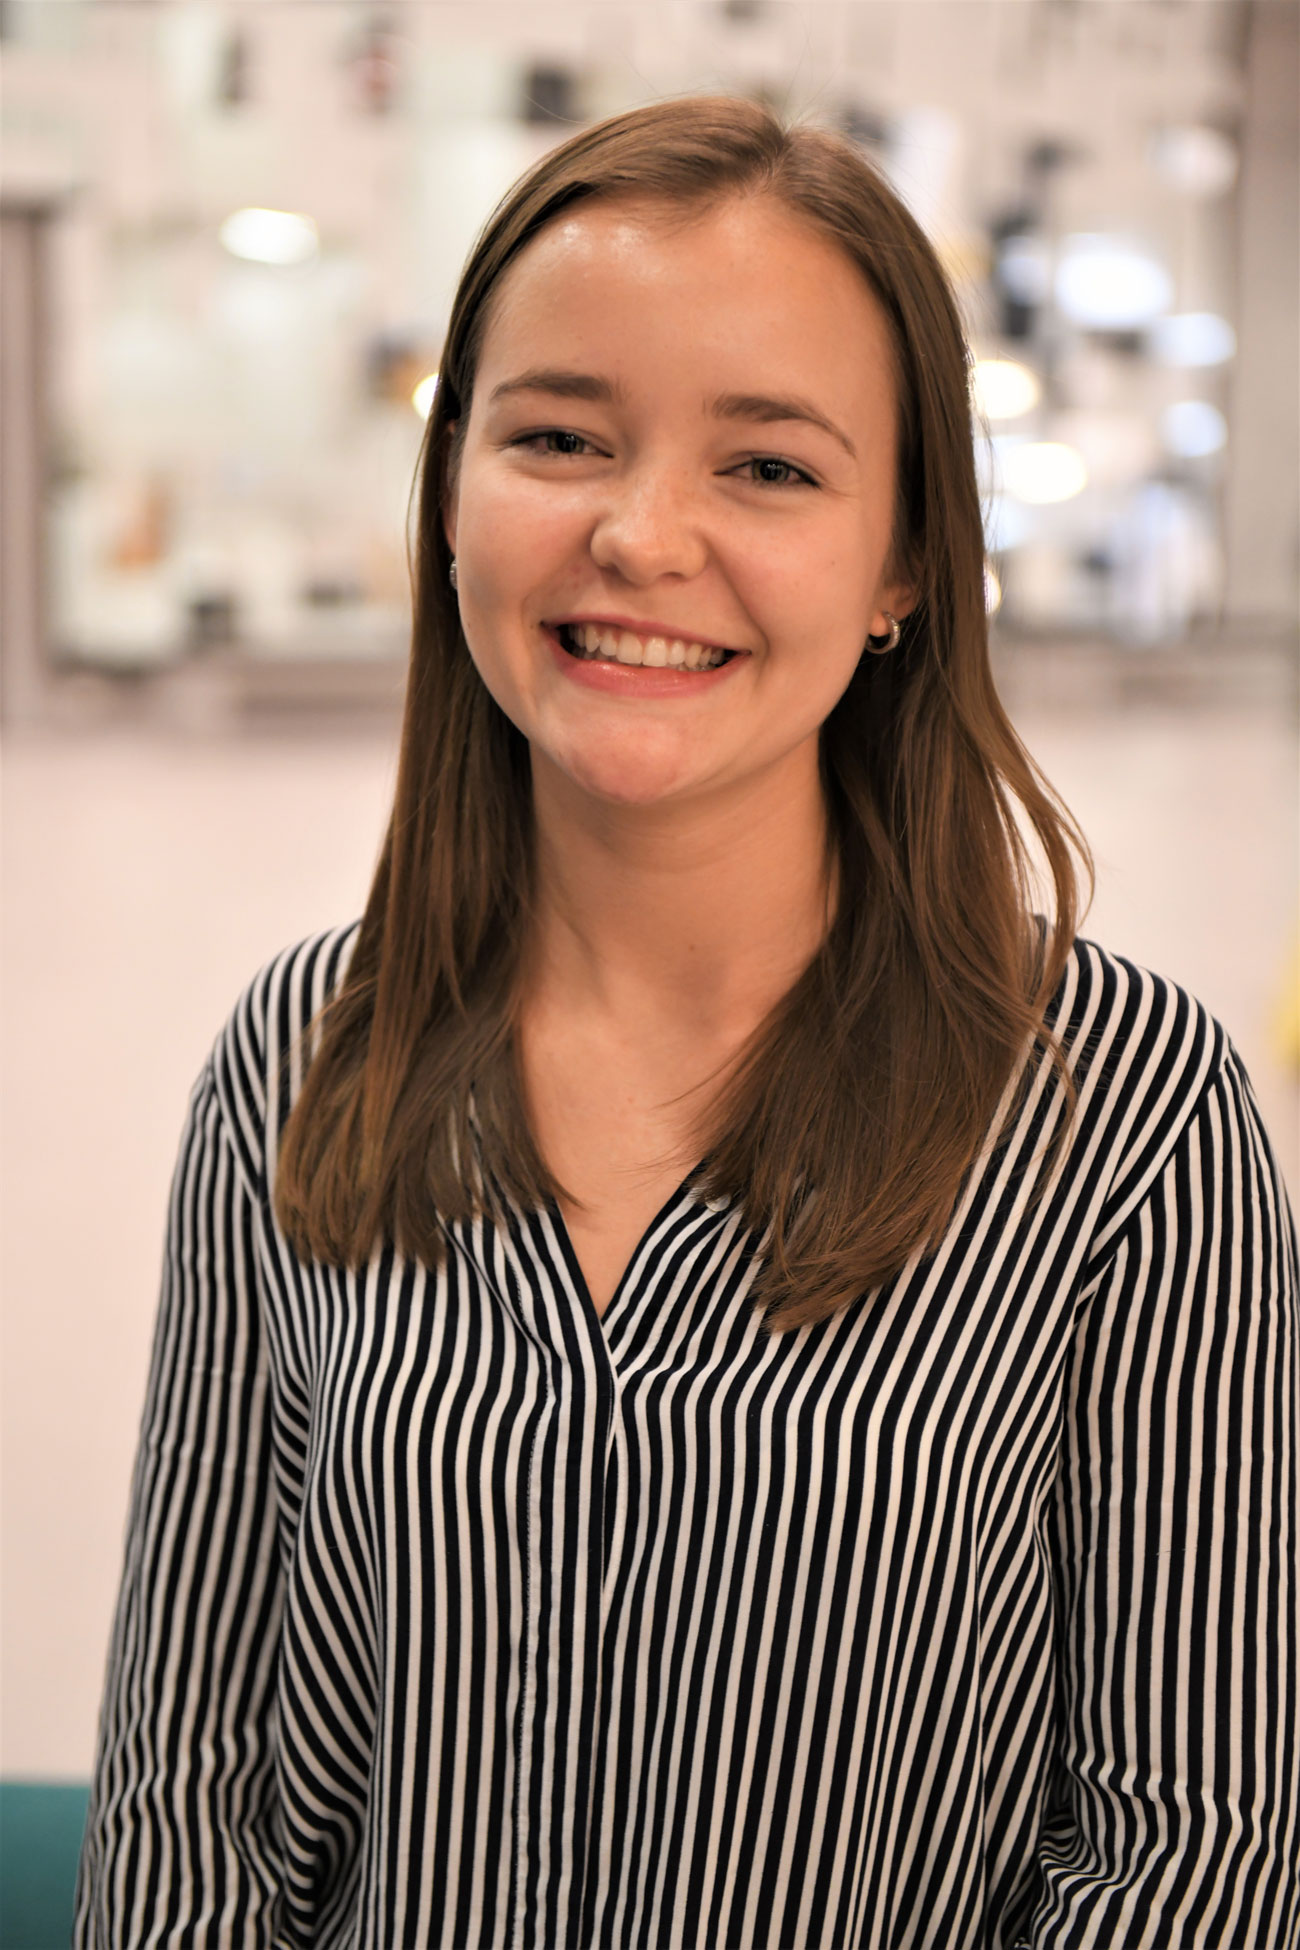 STARTET KVINNELIG BØRSKLUBB: Lisa Naustdal og en gjeng studievenninner gikk sammen og startet en børsklubb bare for kvinnelige studenter ved NHH. Den skal øke finansinteressen hos unge kvinner.